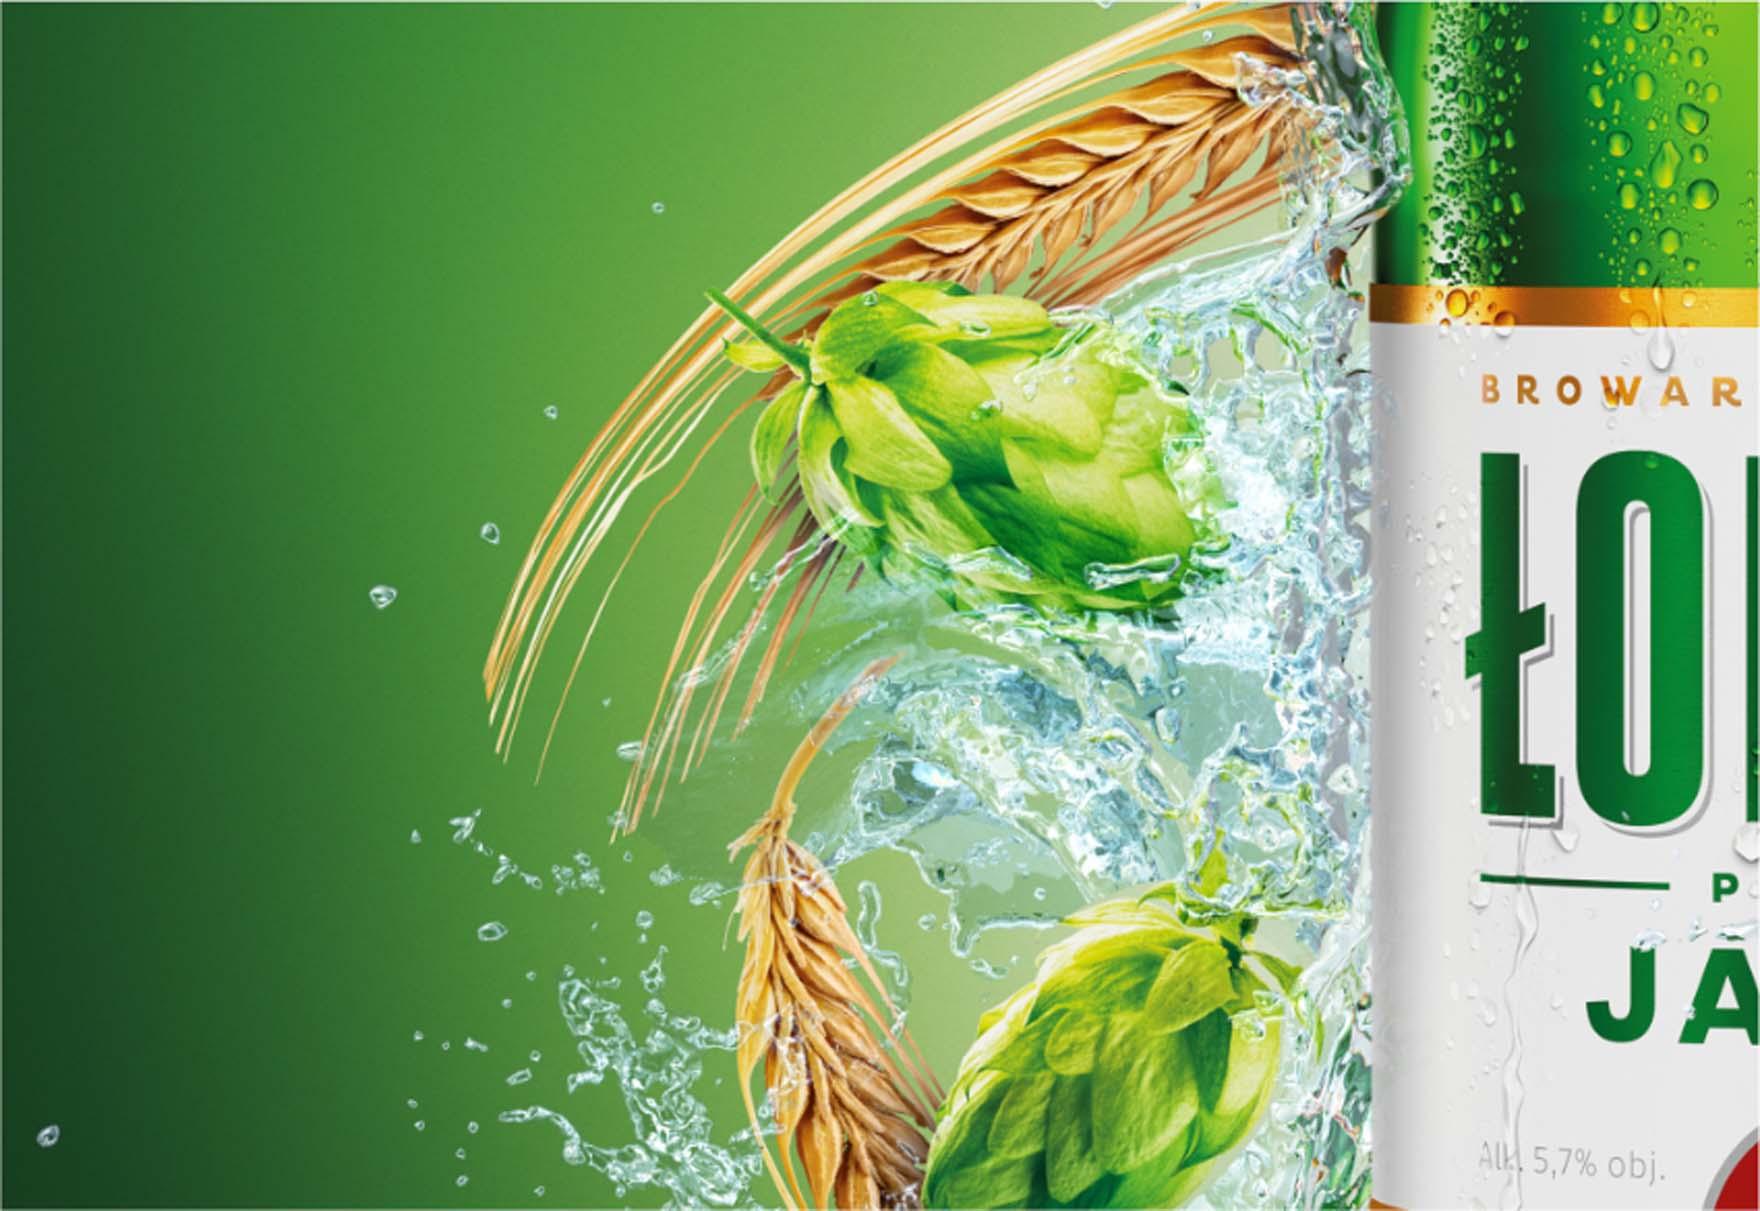 Wizualizacja produktowa Butelki Piwa Łomża Jasne Pełne